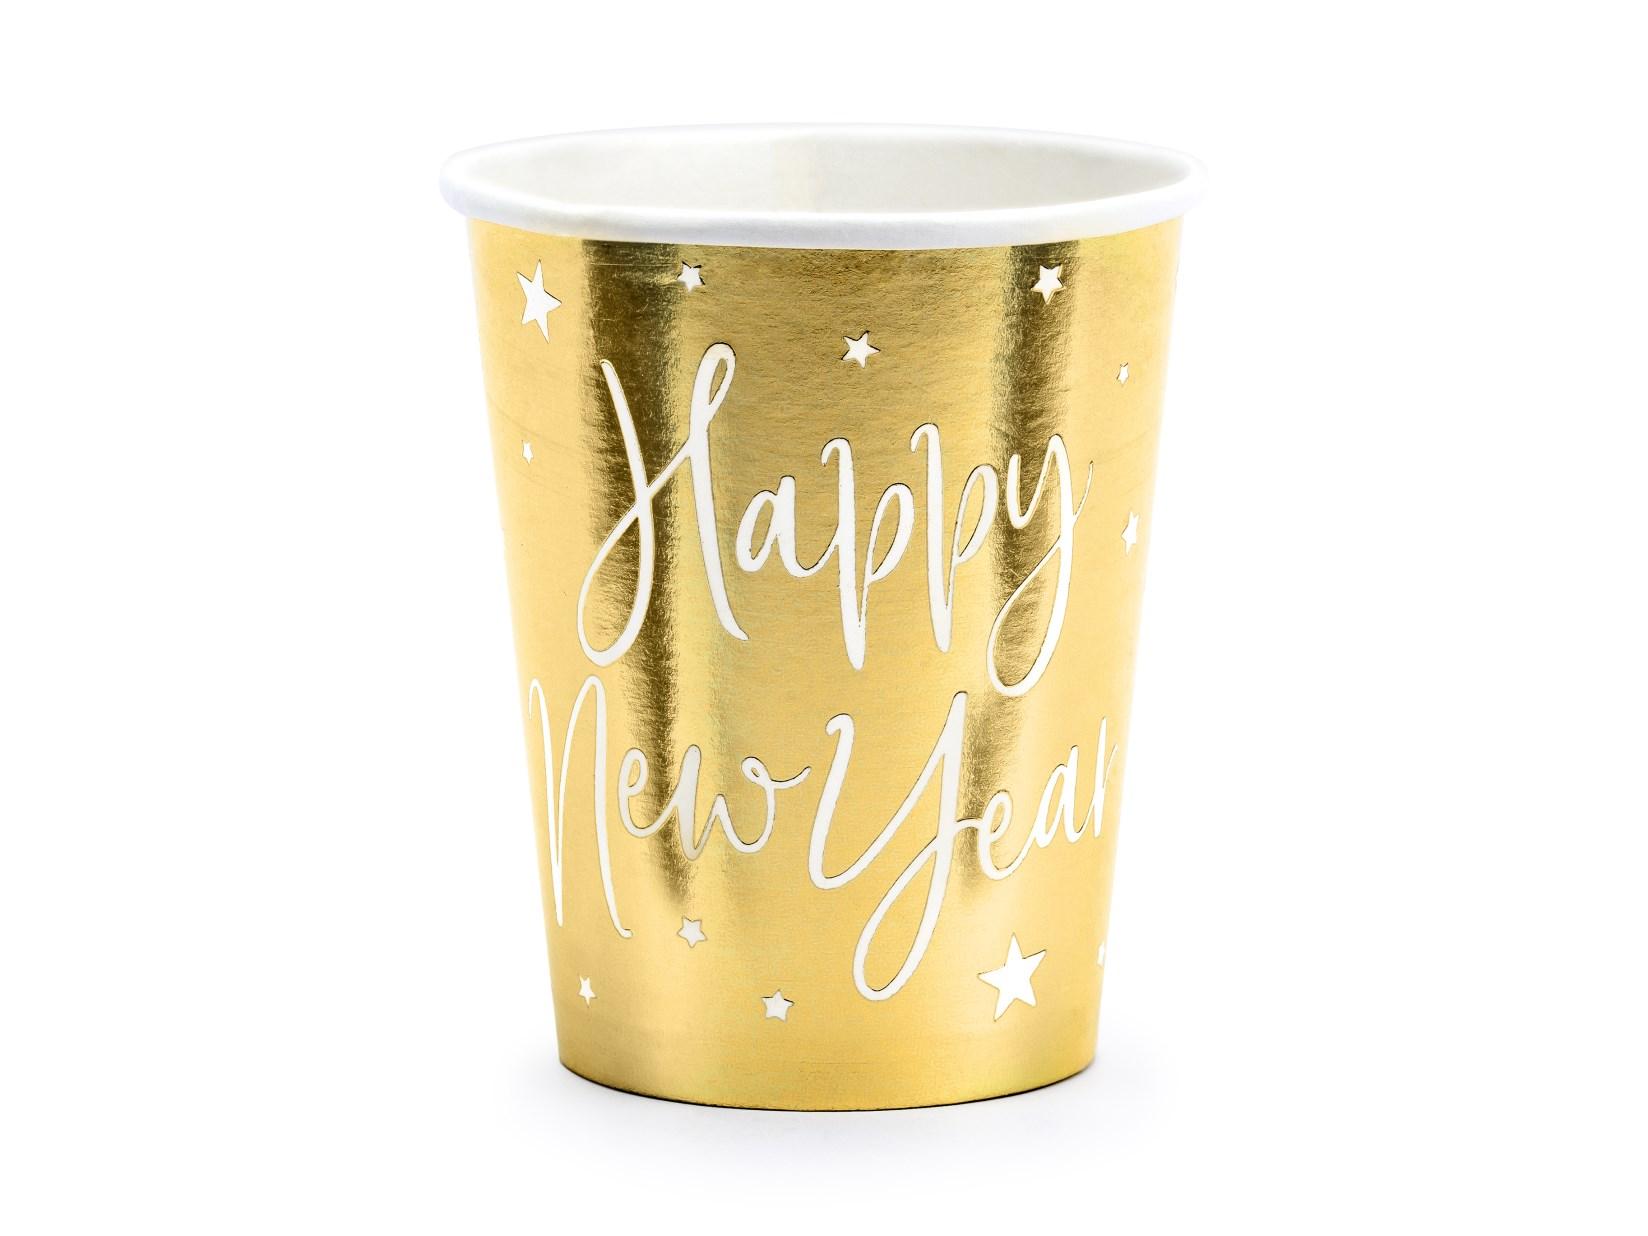 Χάρτινα Ποτήρια Happy New Year 220ml – 6 Τεμάχια